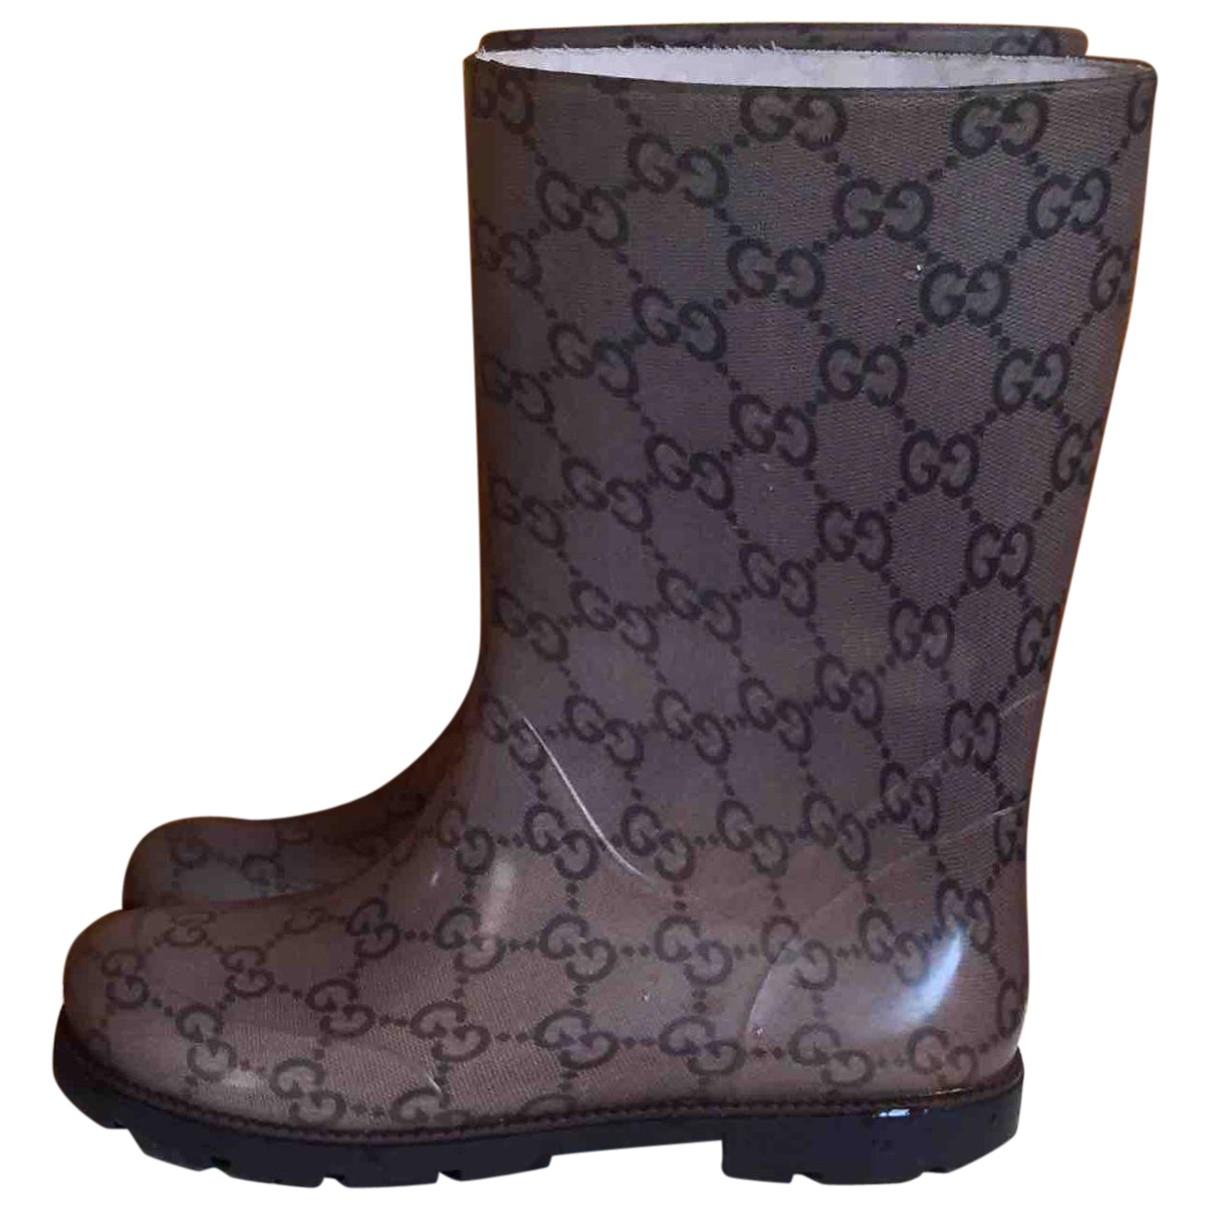 Acheter bottes gucci en caoutchouc pas cher 0d215b4c7b3